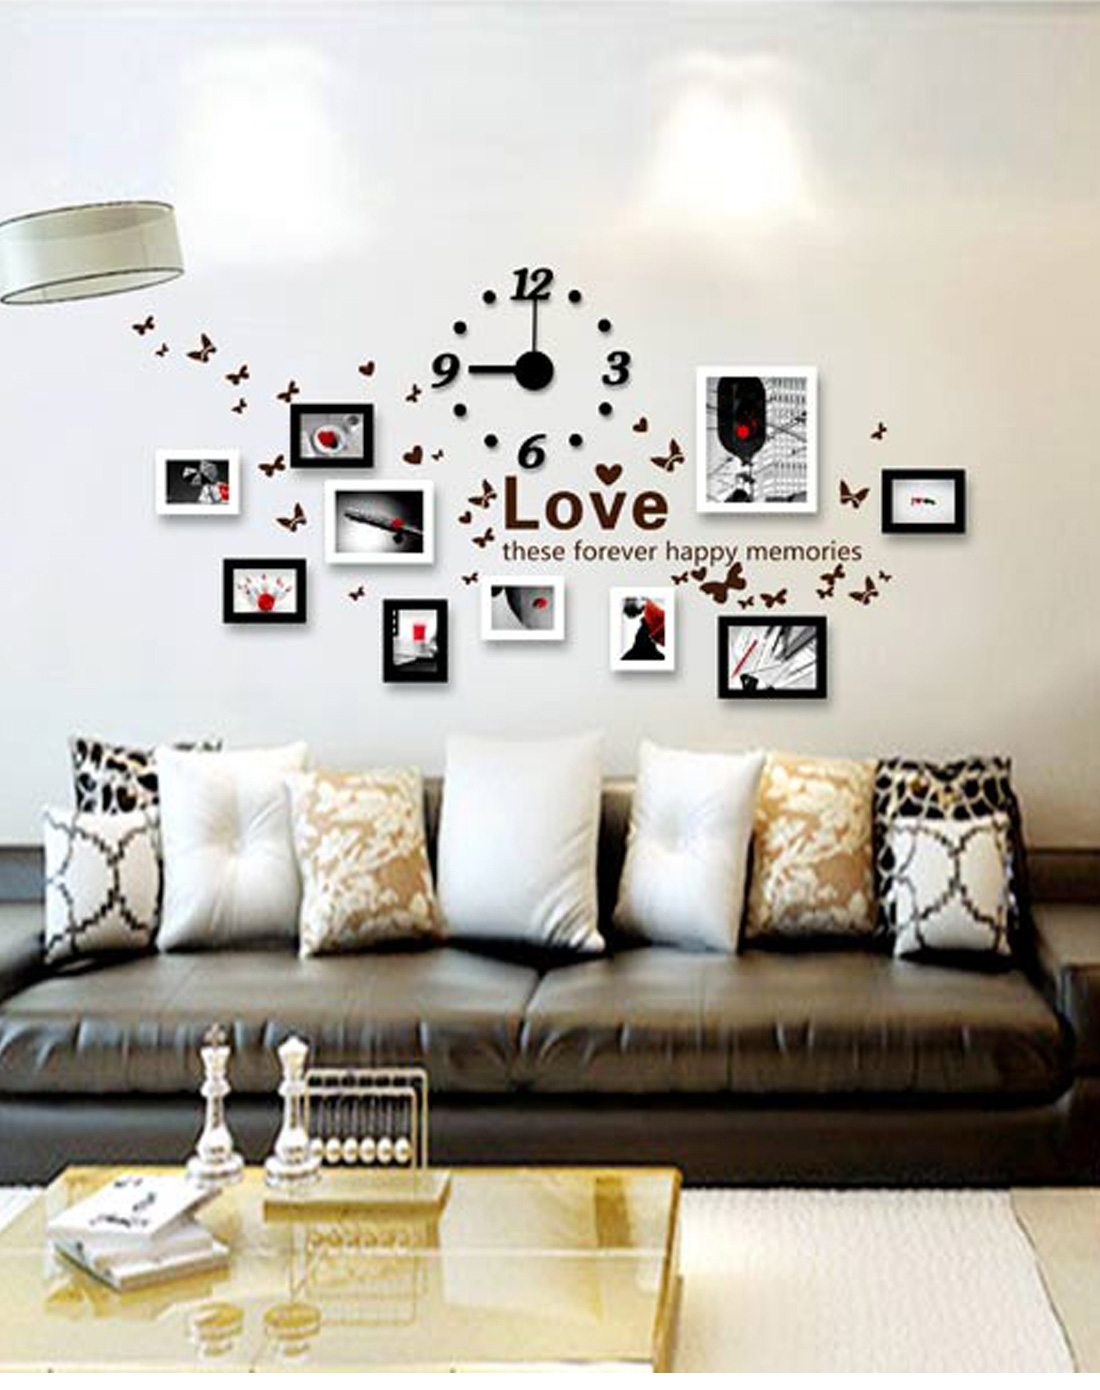 家逸jiayi 韩式木艺照片墙组合背景墙装饰相框tf721zt c款